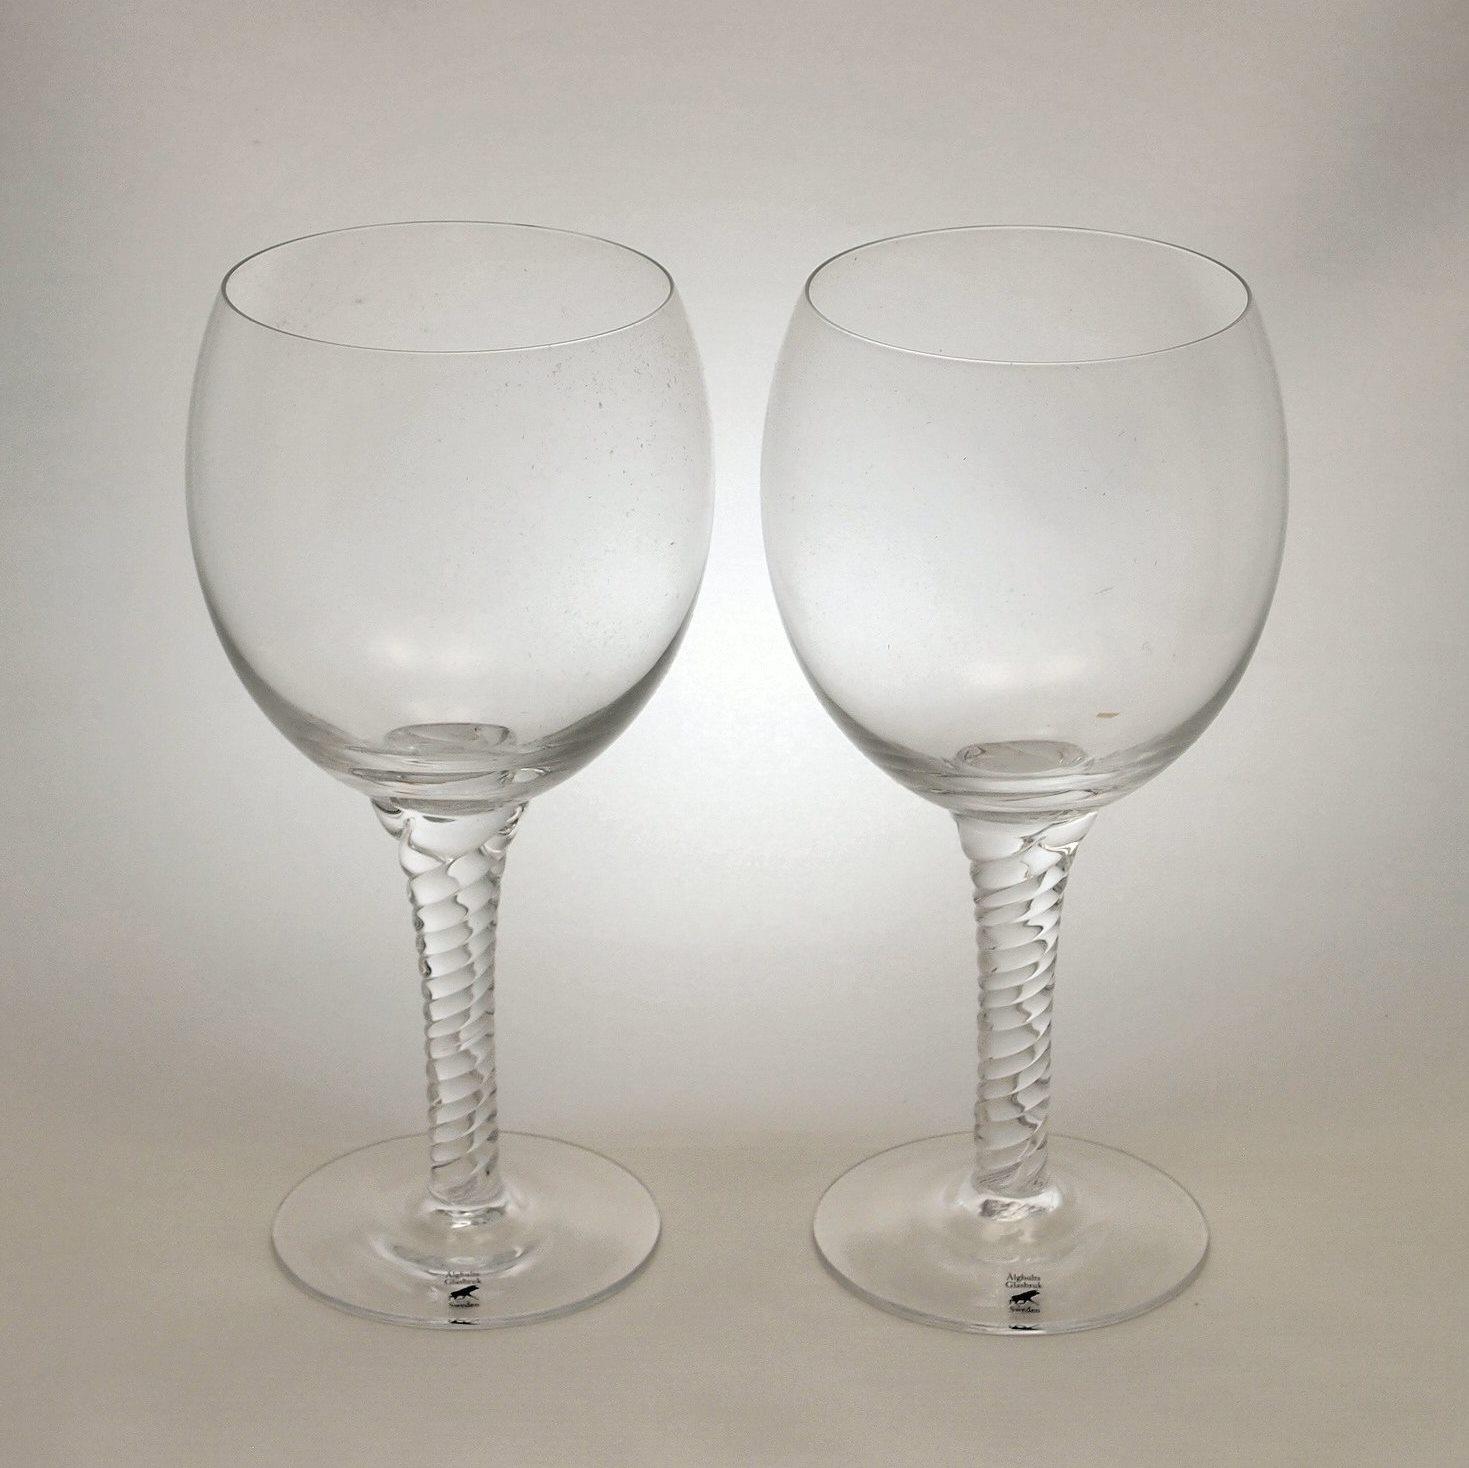 アルグハルト ツイスト 赤ワイングラス ペアセット Alghult Twist Red Wine Glass Pair Set